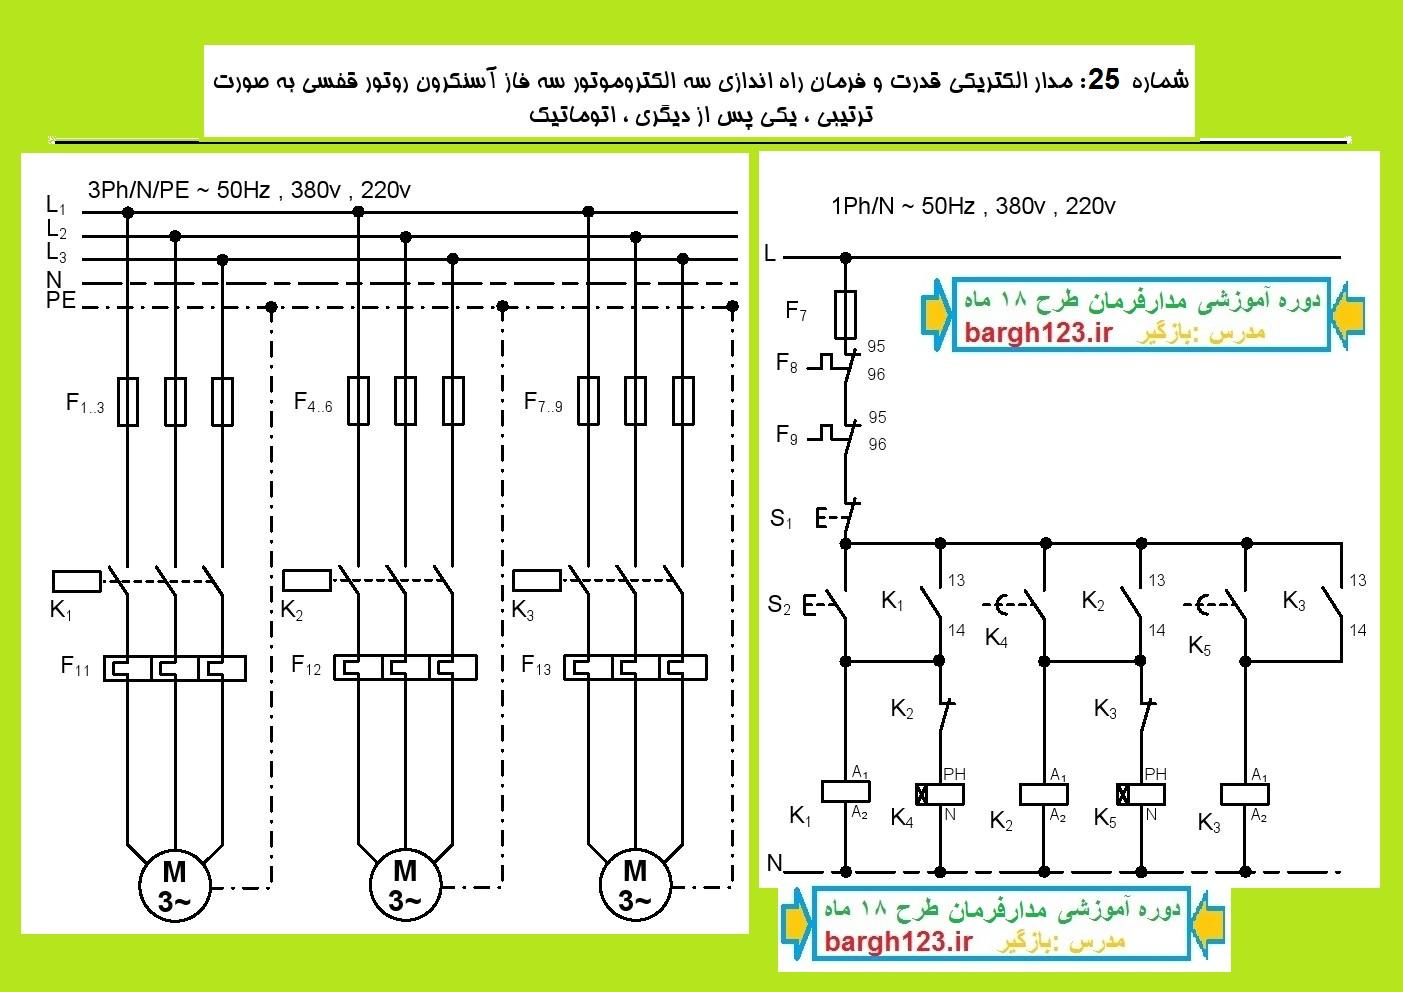 پک آموزش برق صنعتی ومدار فرمان طرح ممتاز 18 ماه